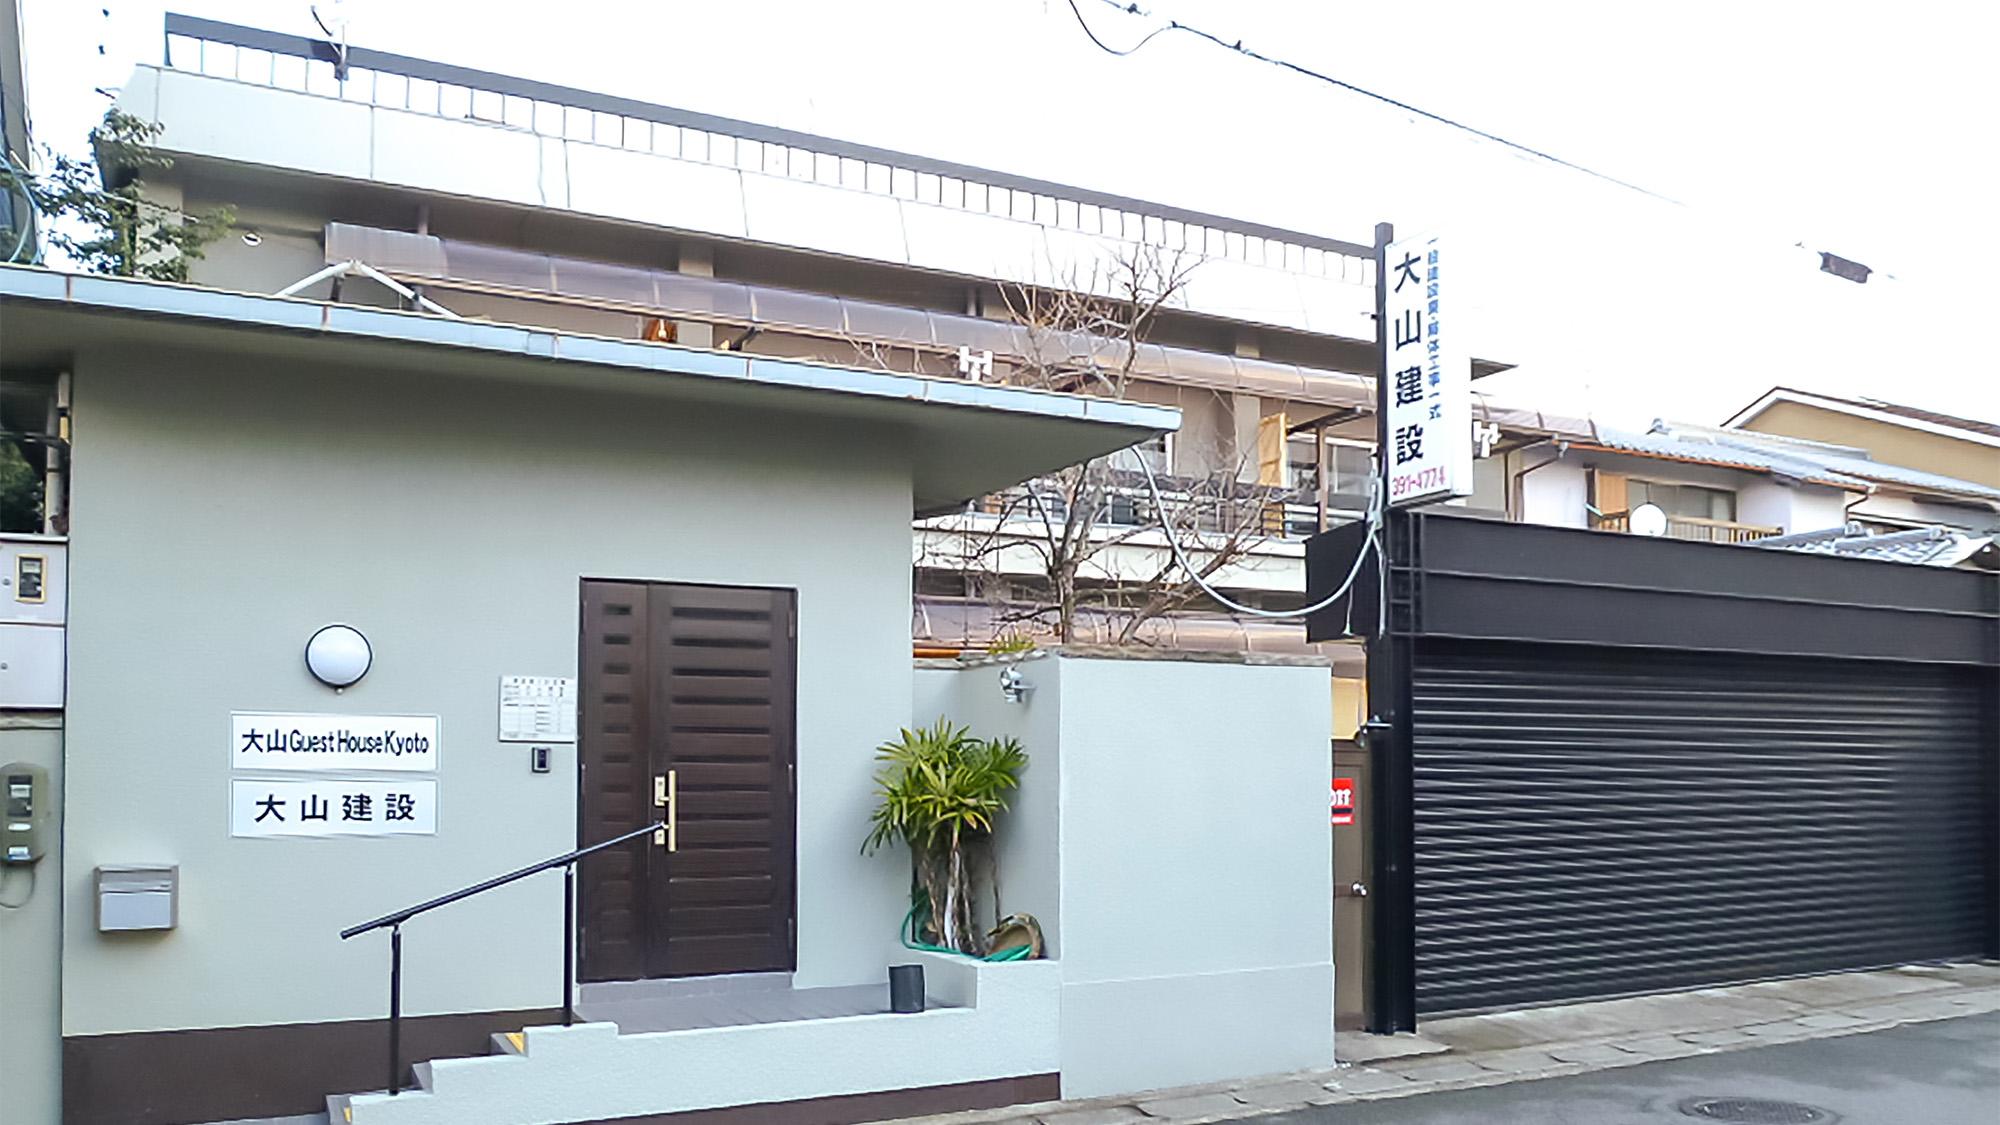 大山 Guest House Kyoto